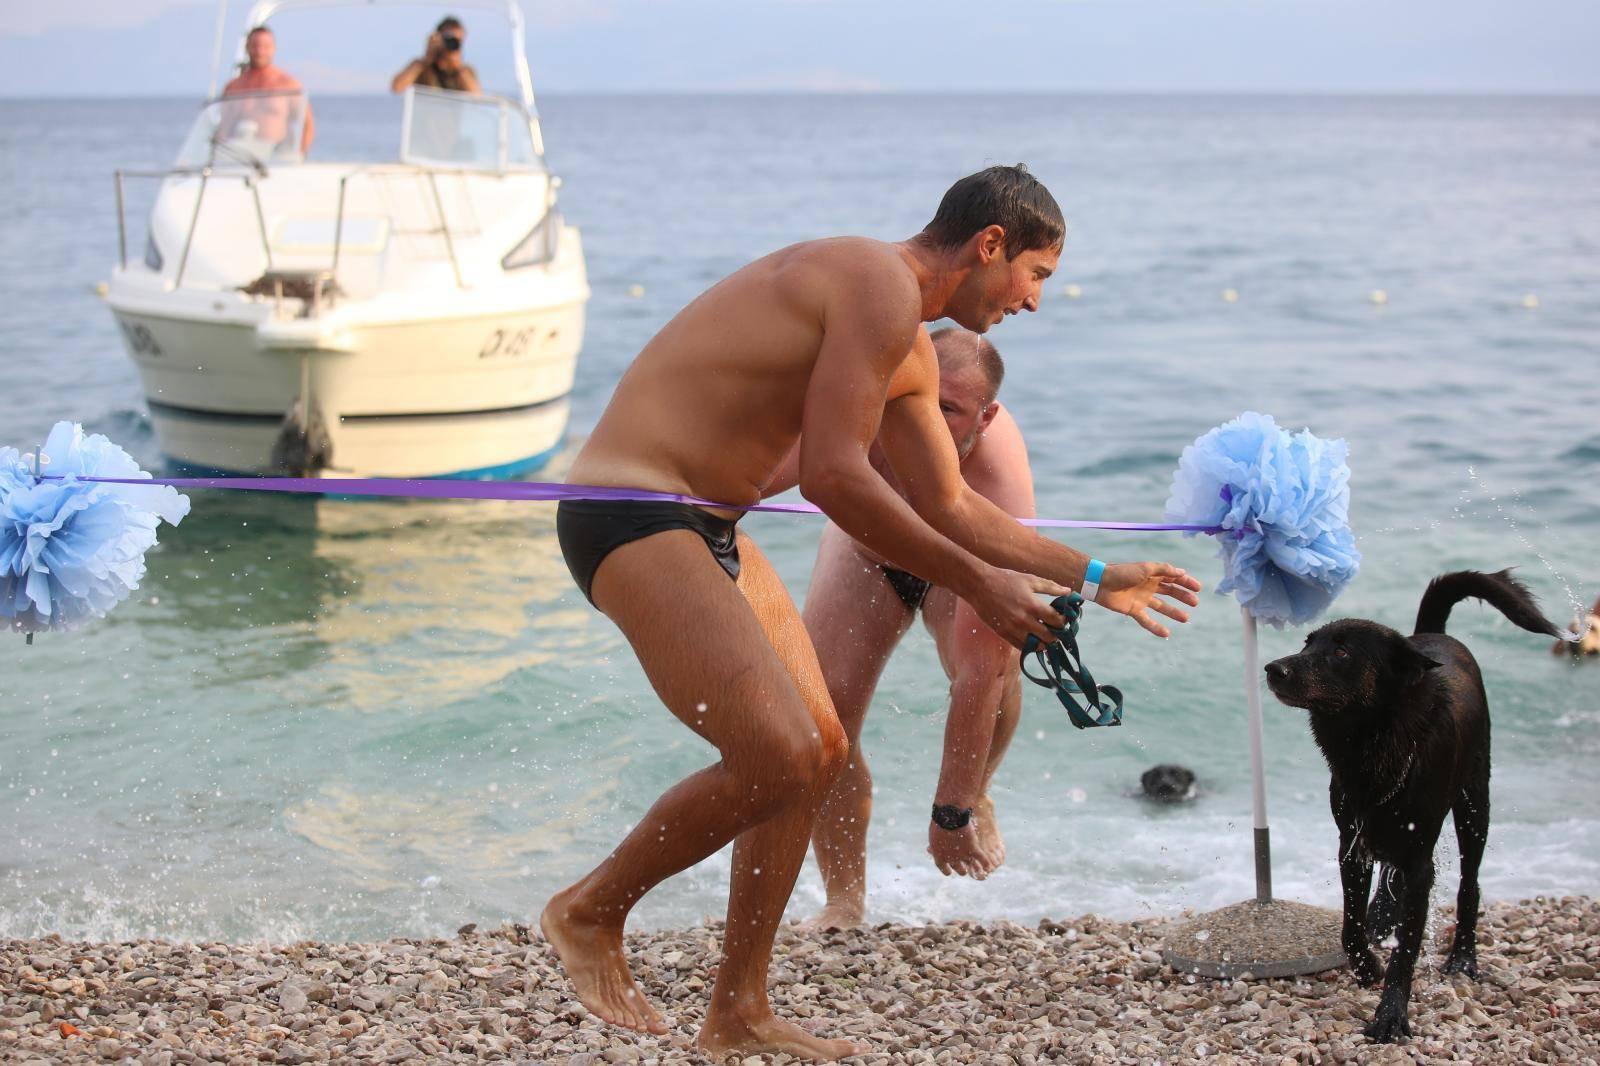 U crikvenici je održano plivačko natjecanje pasa i njihovih vlasnika